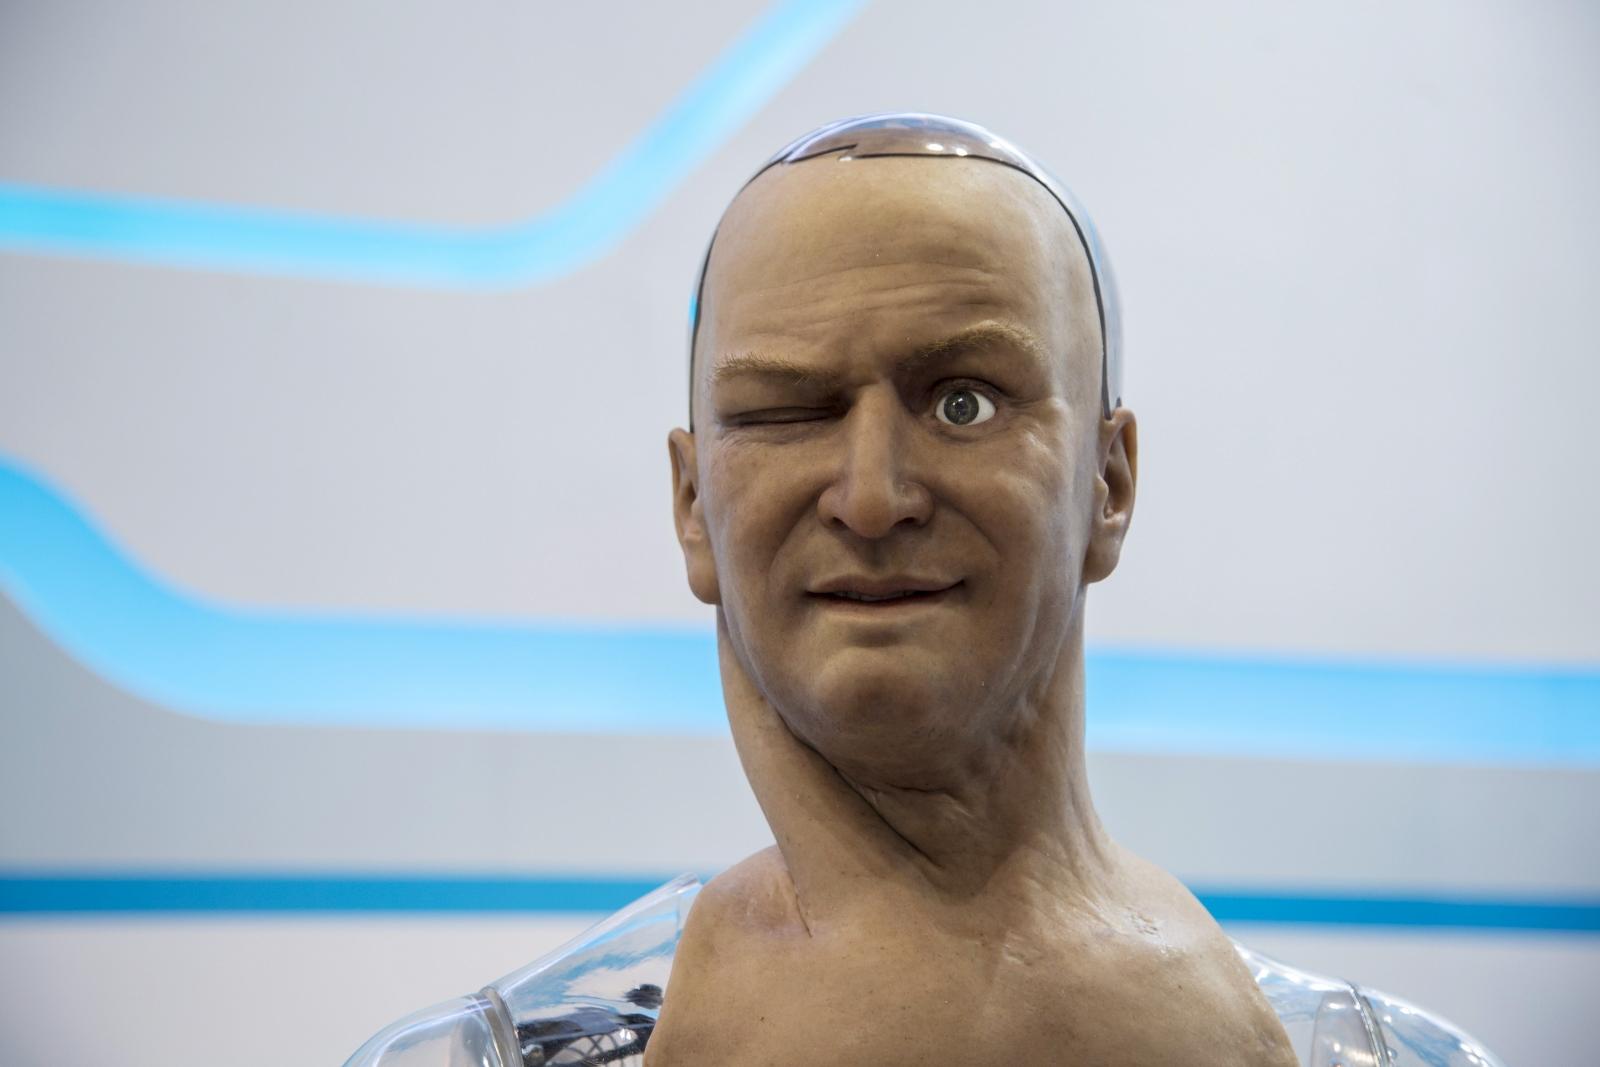 Han the humanoid robot